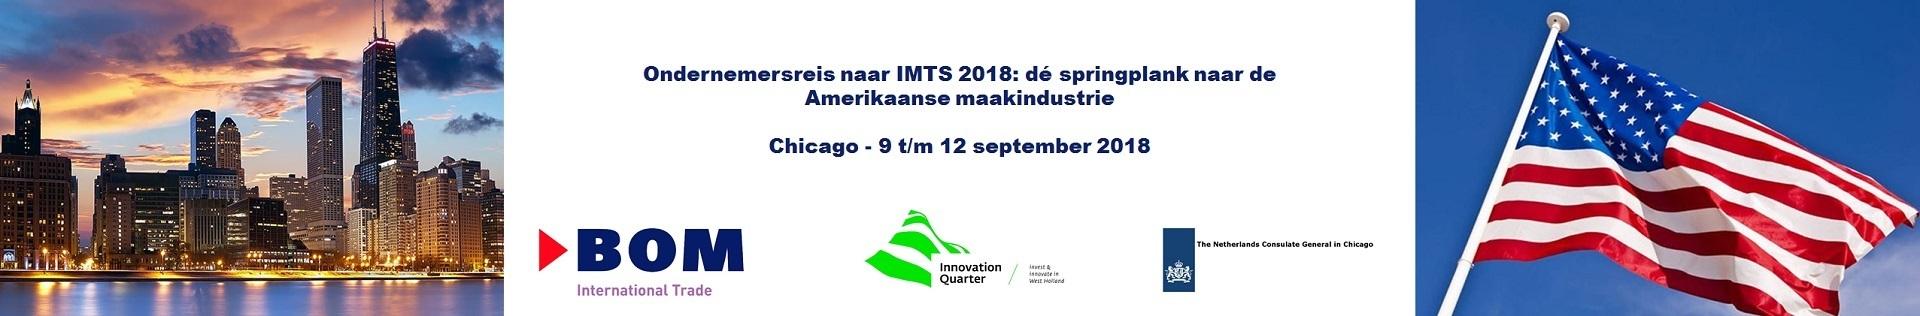 IMTS september 2018